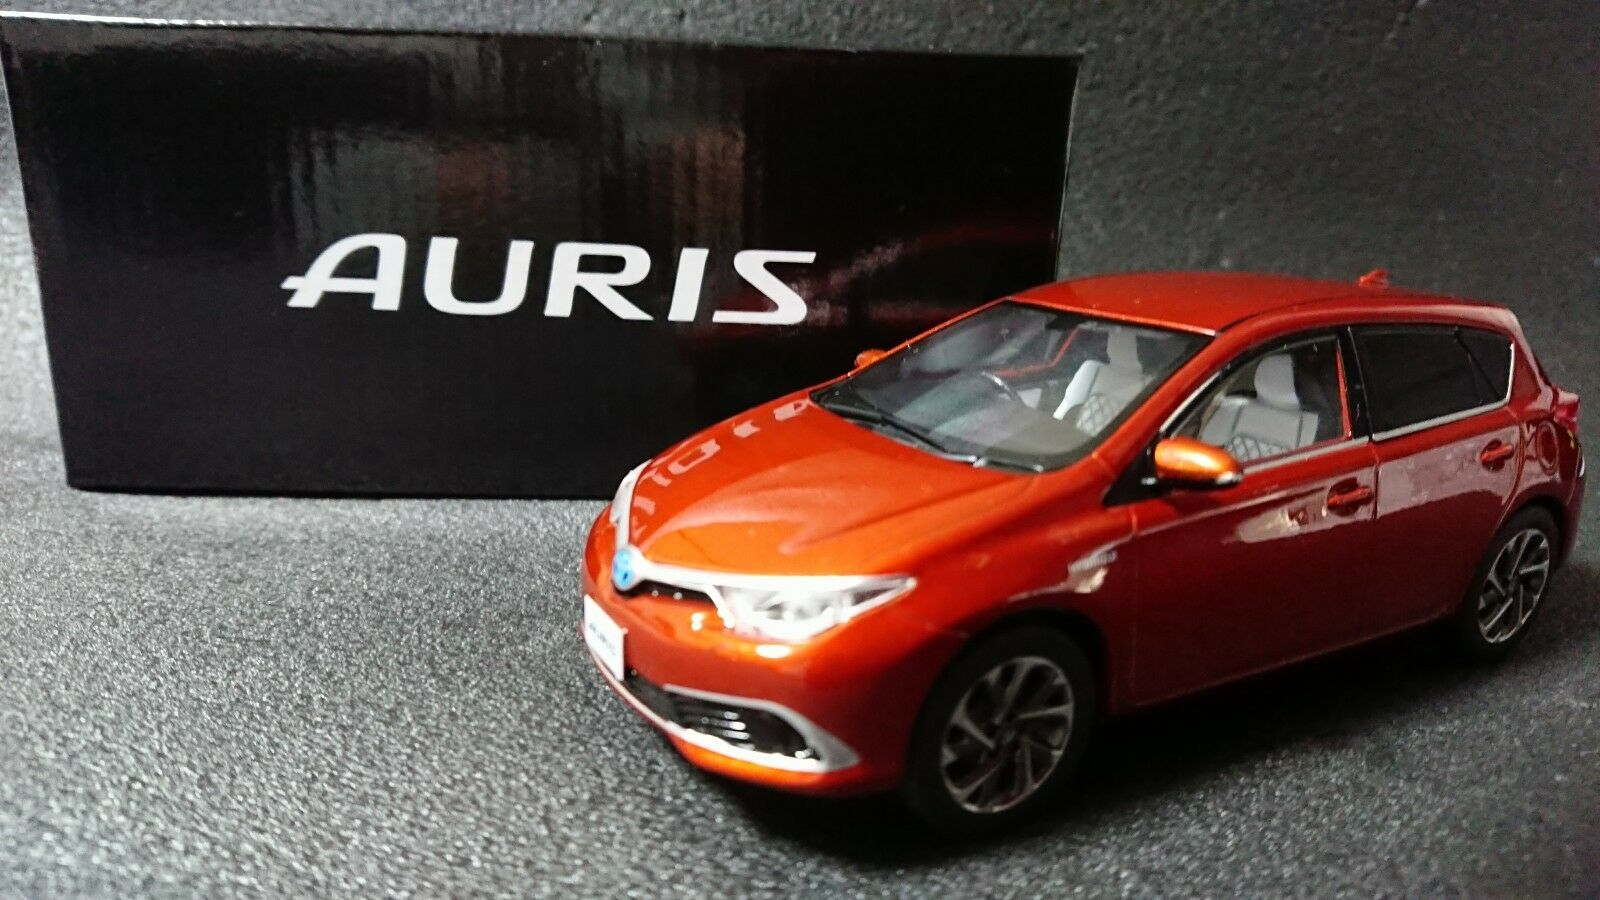 Toyota Auris vitrine afficher les objets Orange métallique non vendus dans les boutiques